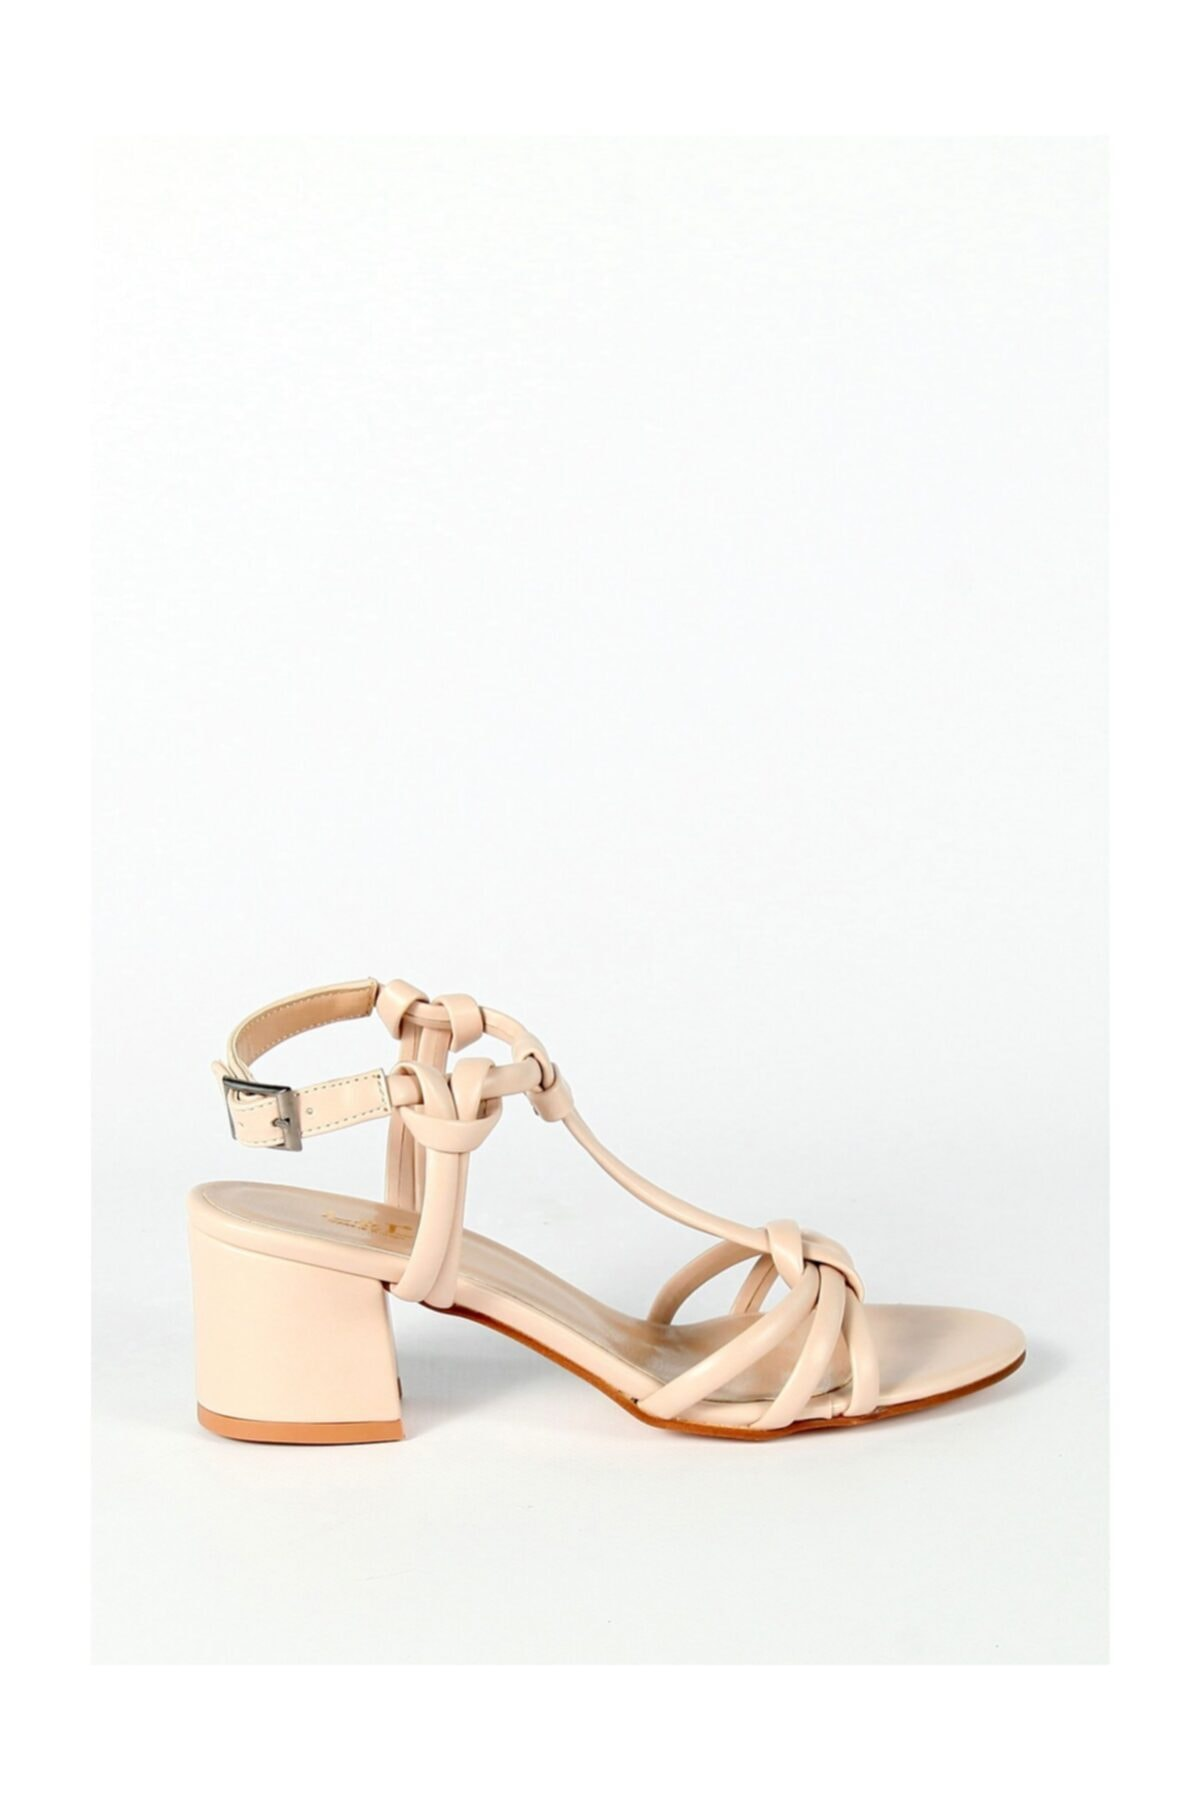 Hayati Arman Kadın Topuklu Ayakkabı 2